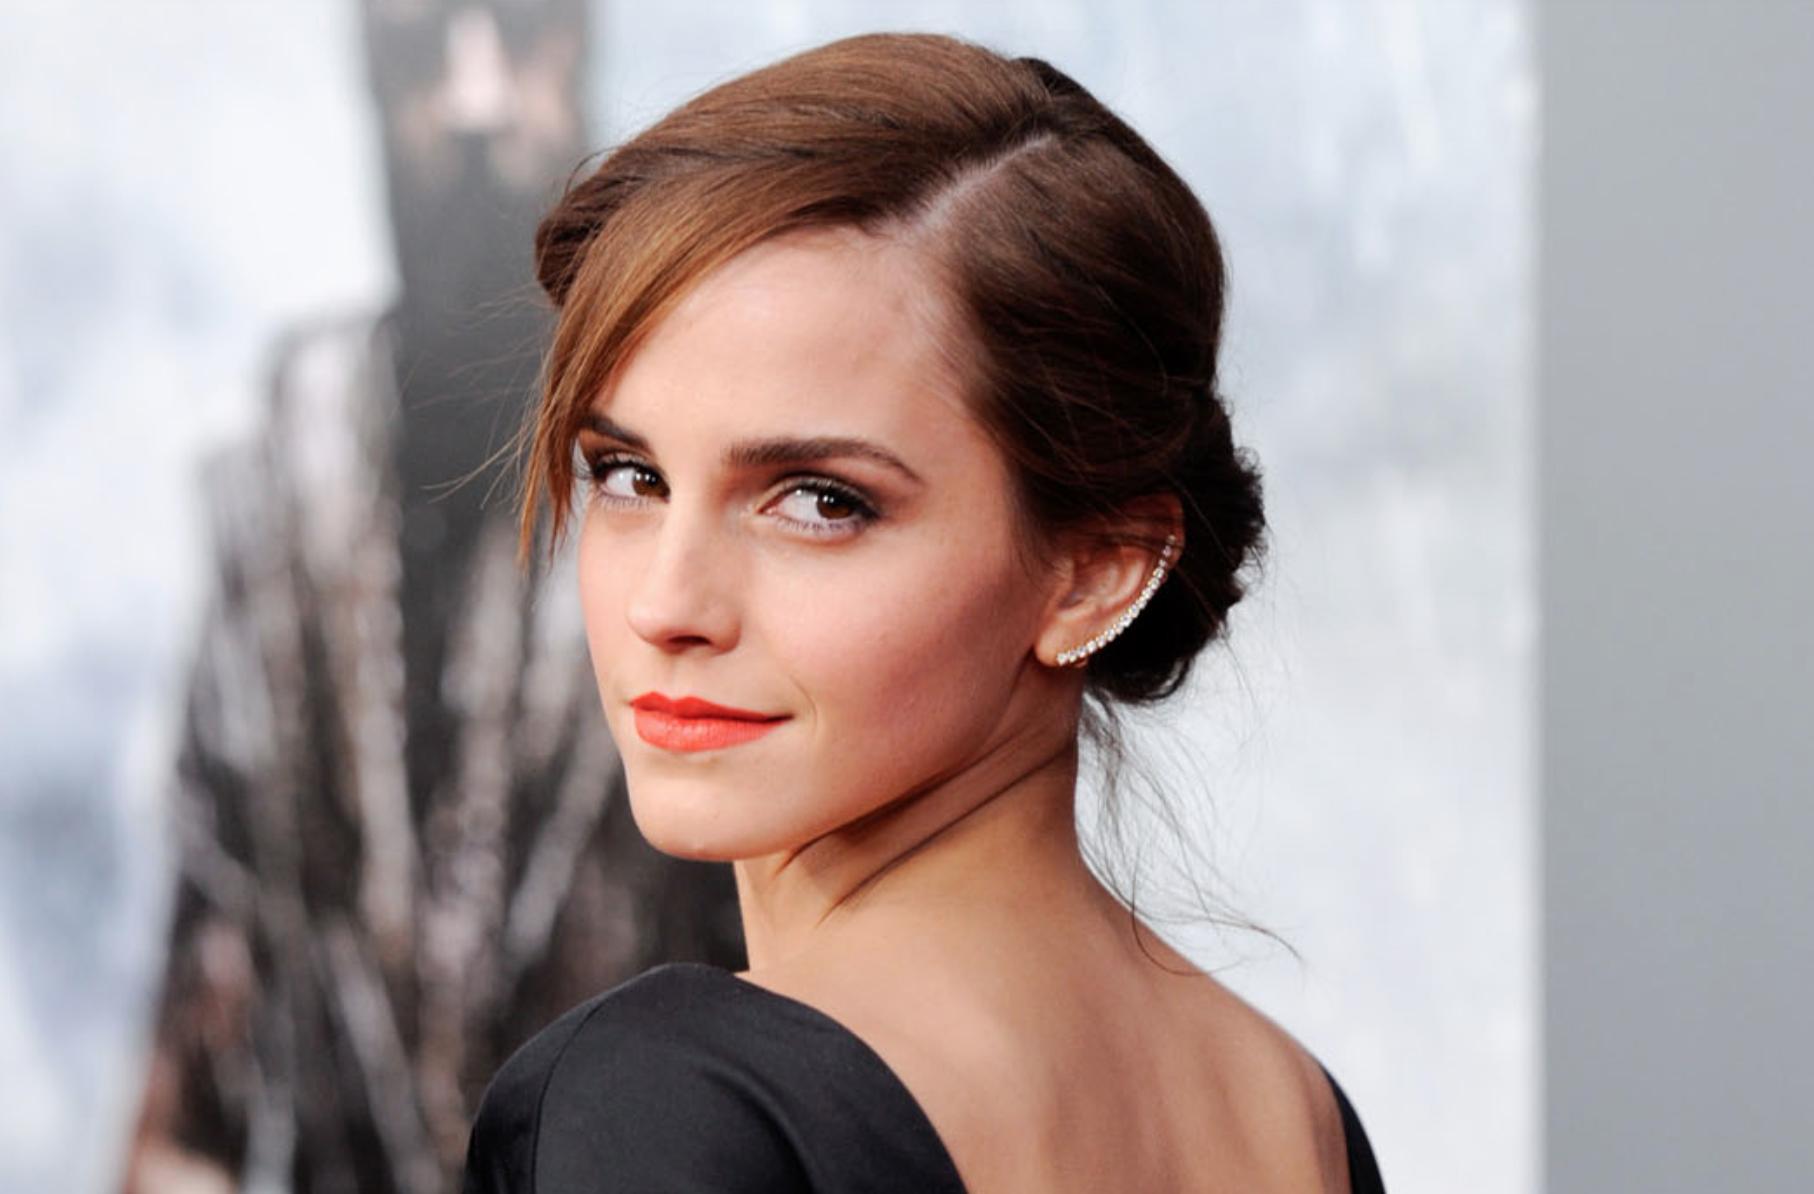 27 tuổi, Emma Watson đã lộ dấu hiệu lão hóa trên thảm đỏ LHP Tribeca - Ảnh 2.